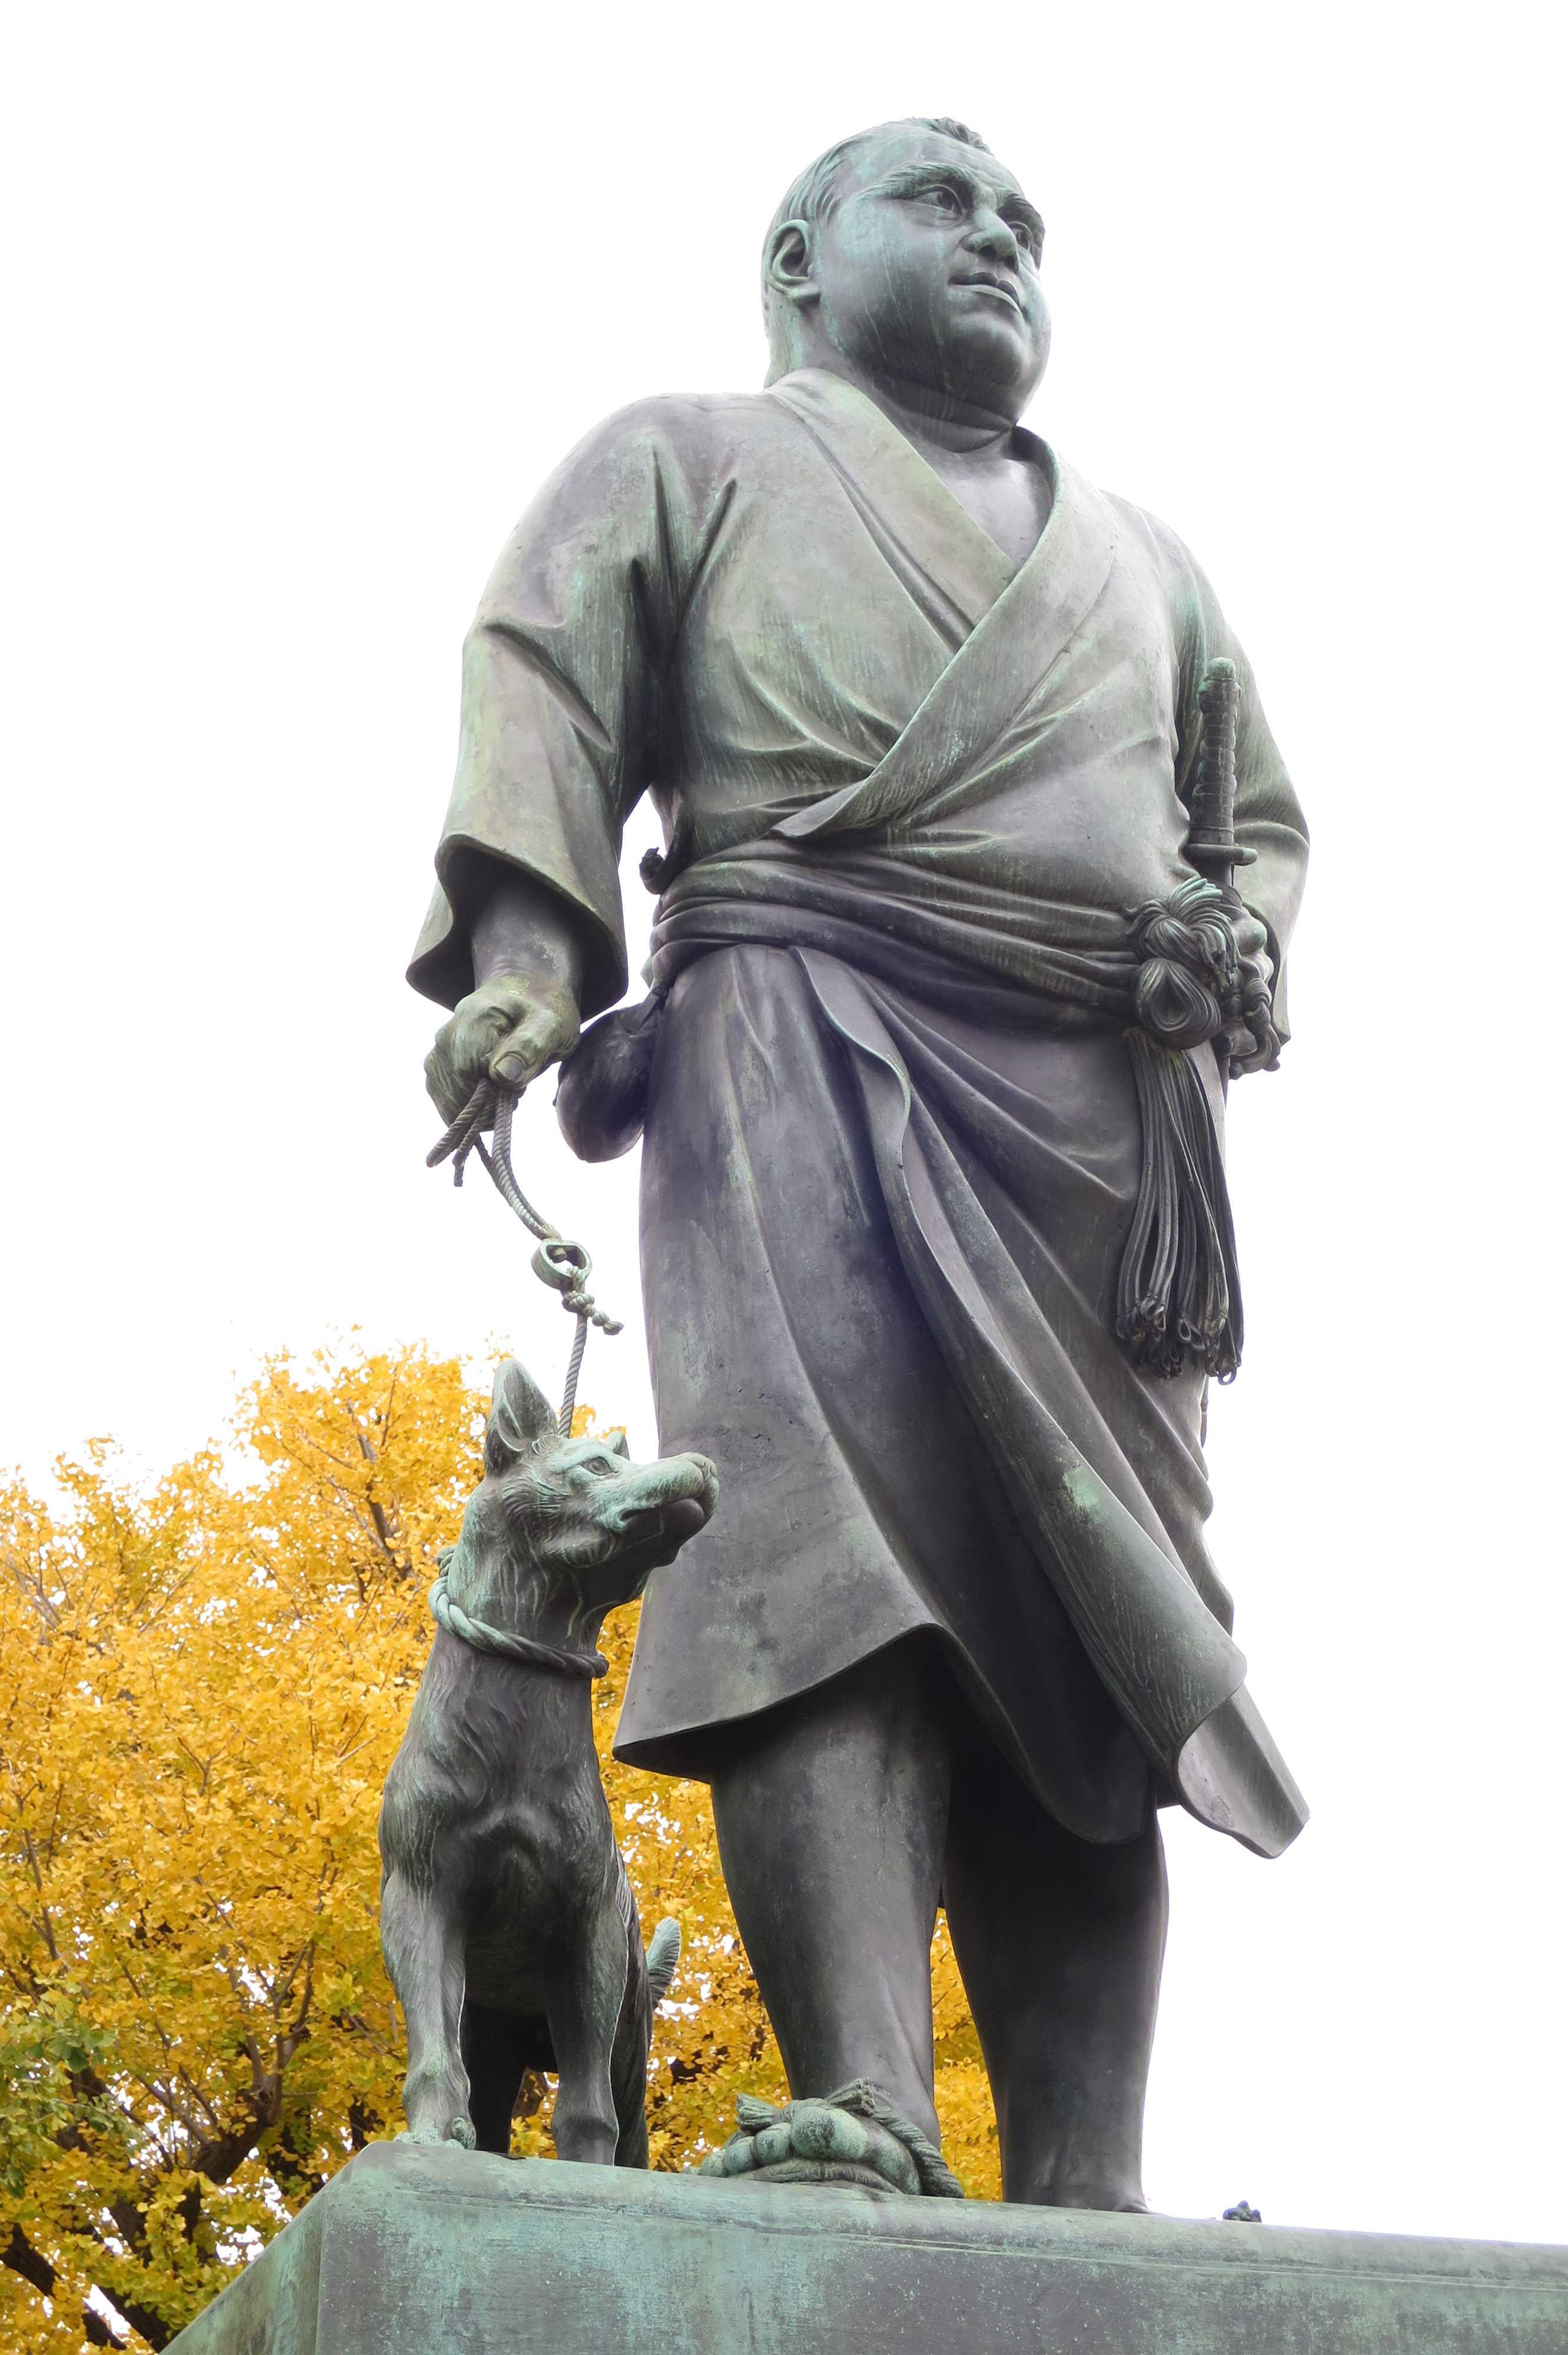 西郷(せご)どんの銅像 - 上野公園